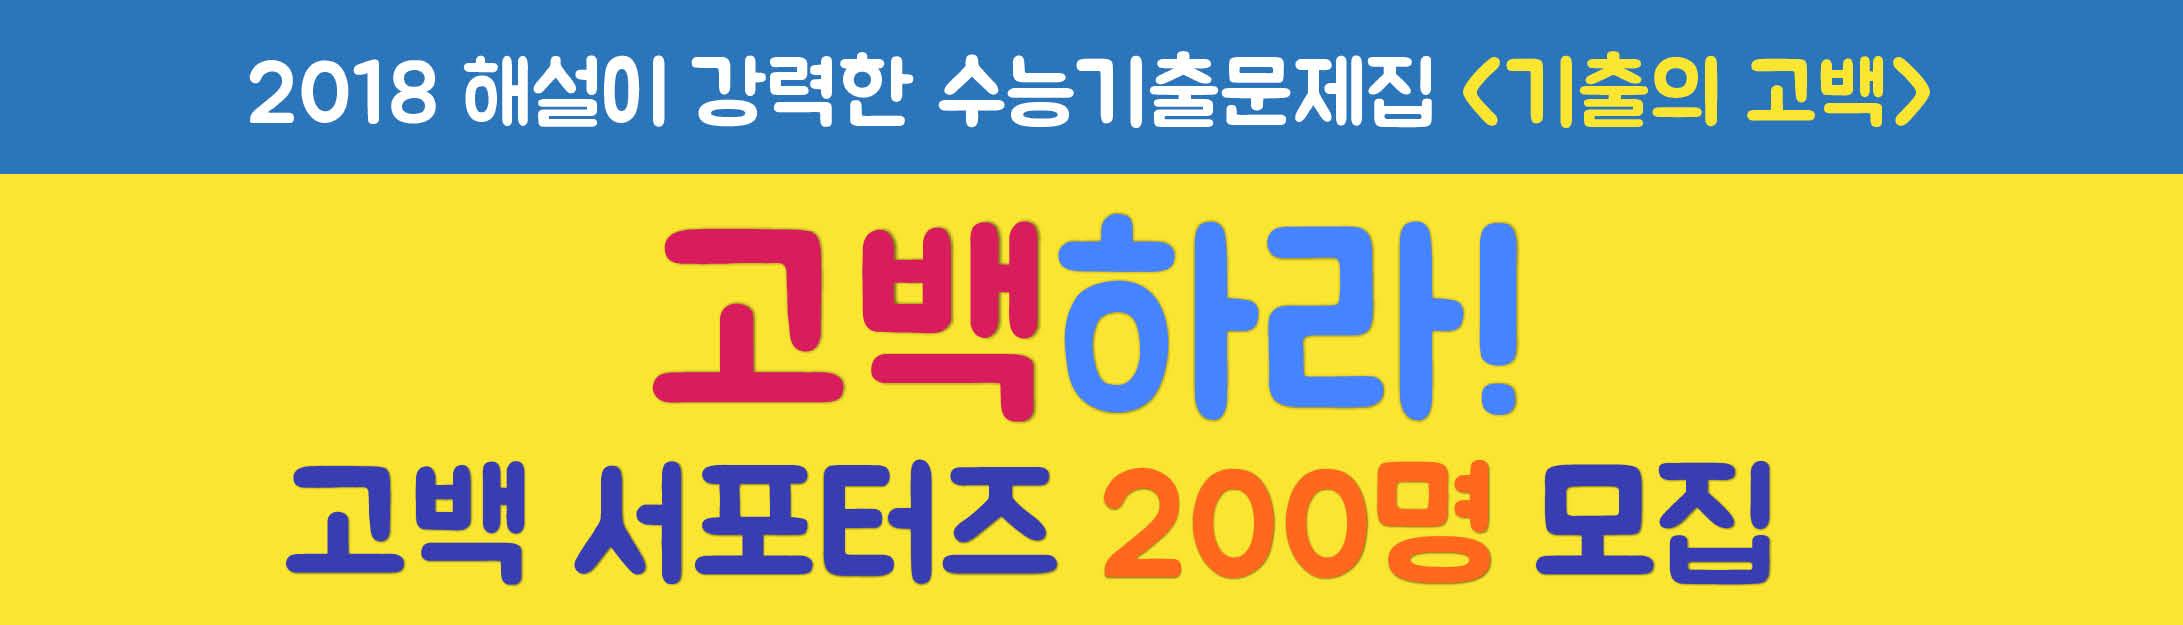 해설이 강력한 수능기출문제집 《기출의 고백》 서포터즈 200명 모집!